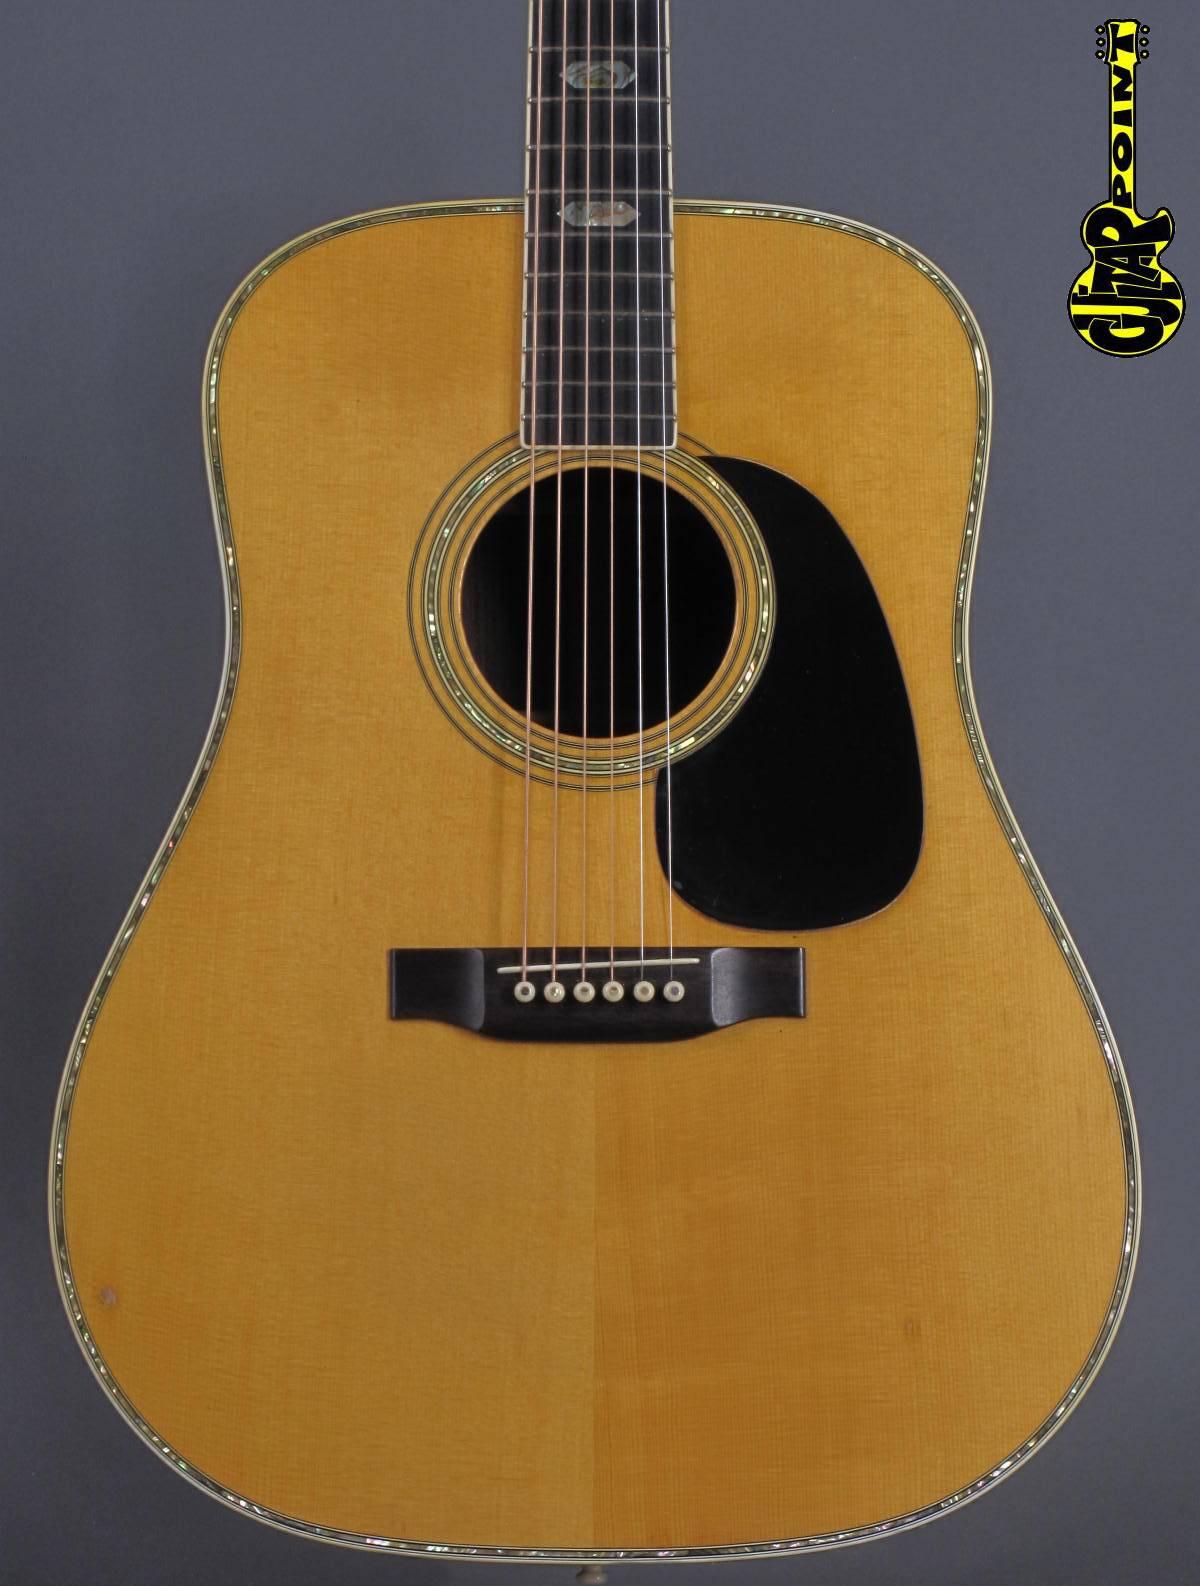 1970 Martin D-41 - Natural